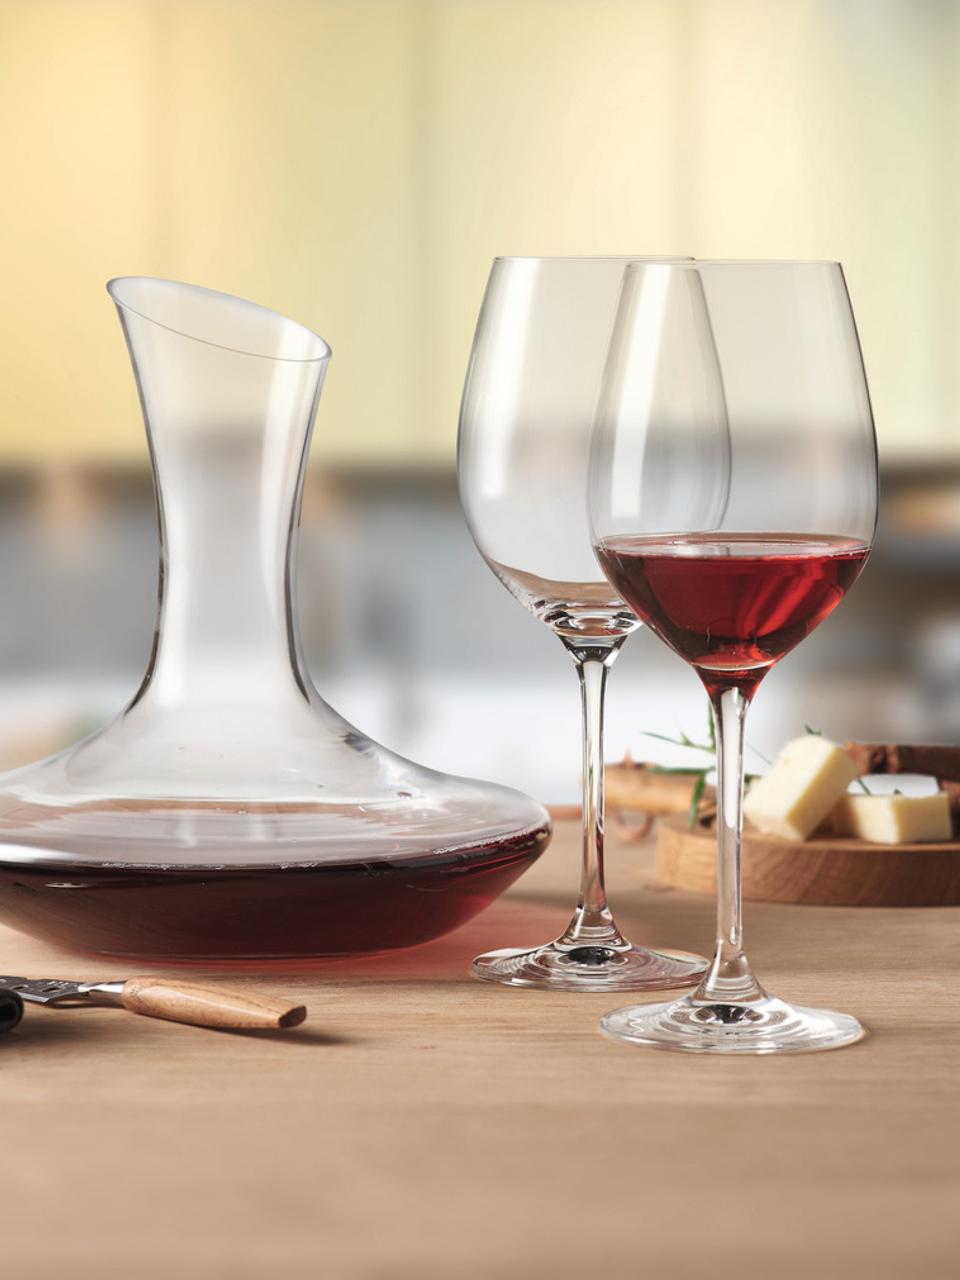 Komplet do czerwonego wina Barcelona, 3elem., Szkło, Transparentny, Komplet z różnymi rozmiarami